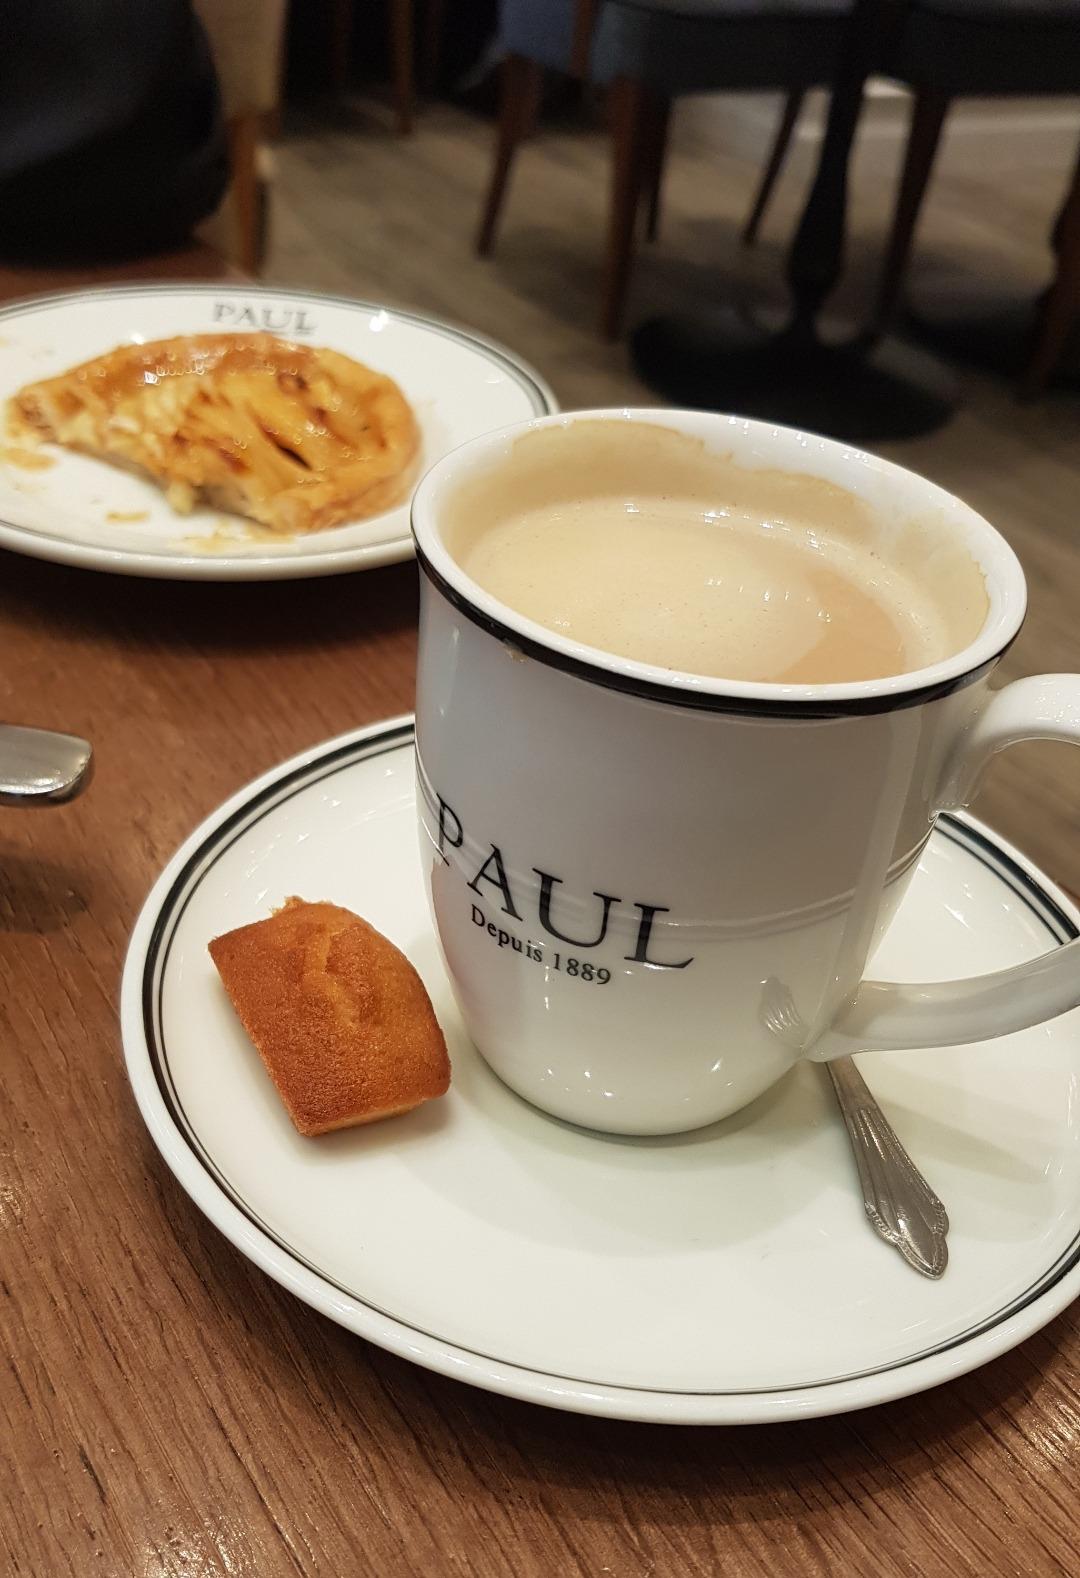 Paul cafe - Bahrain